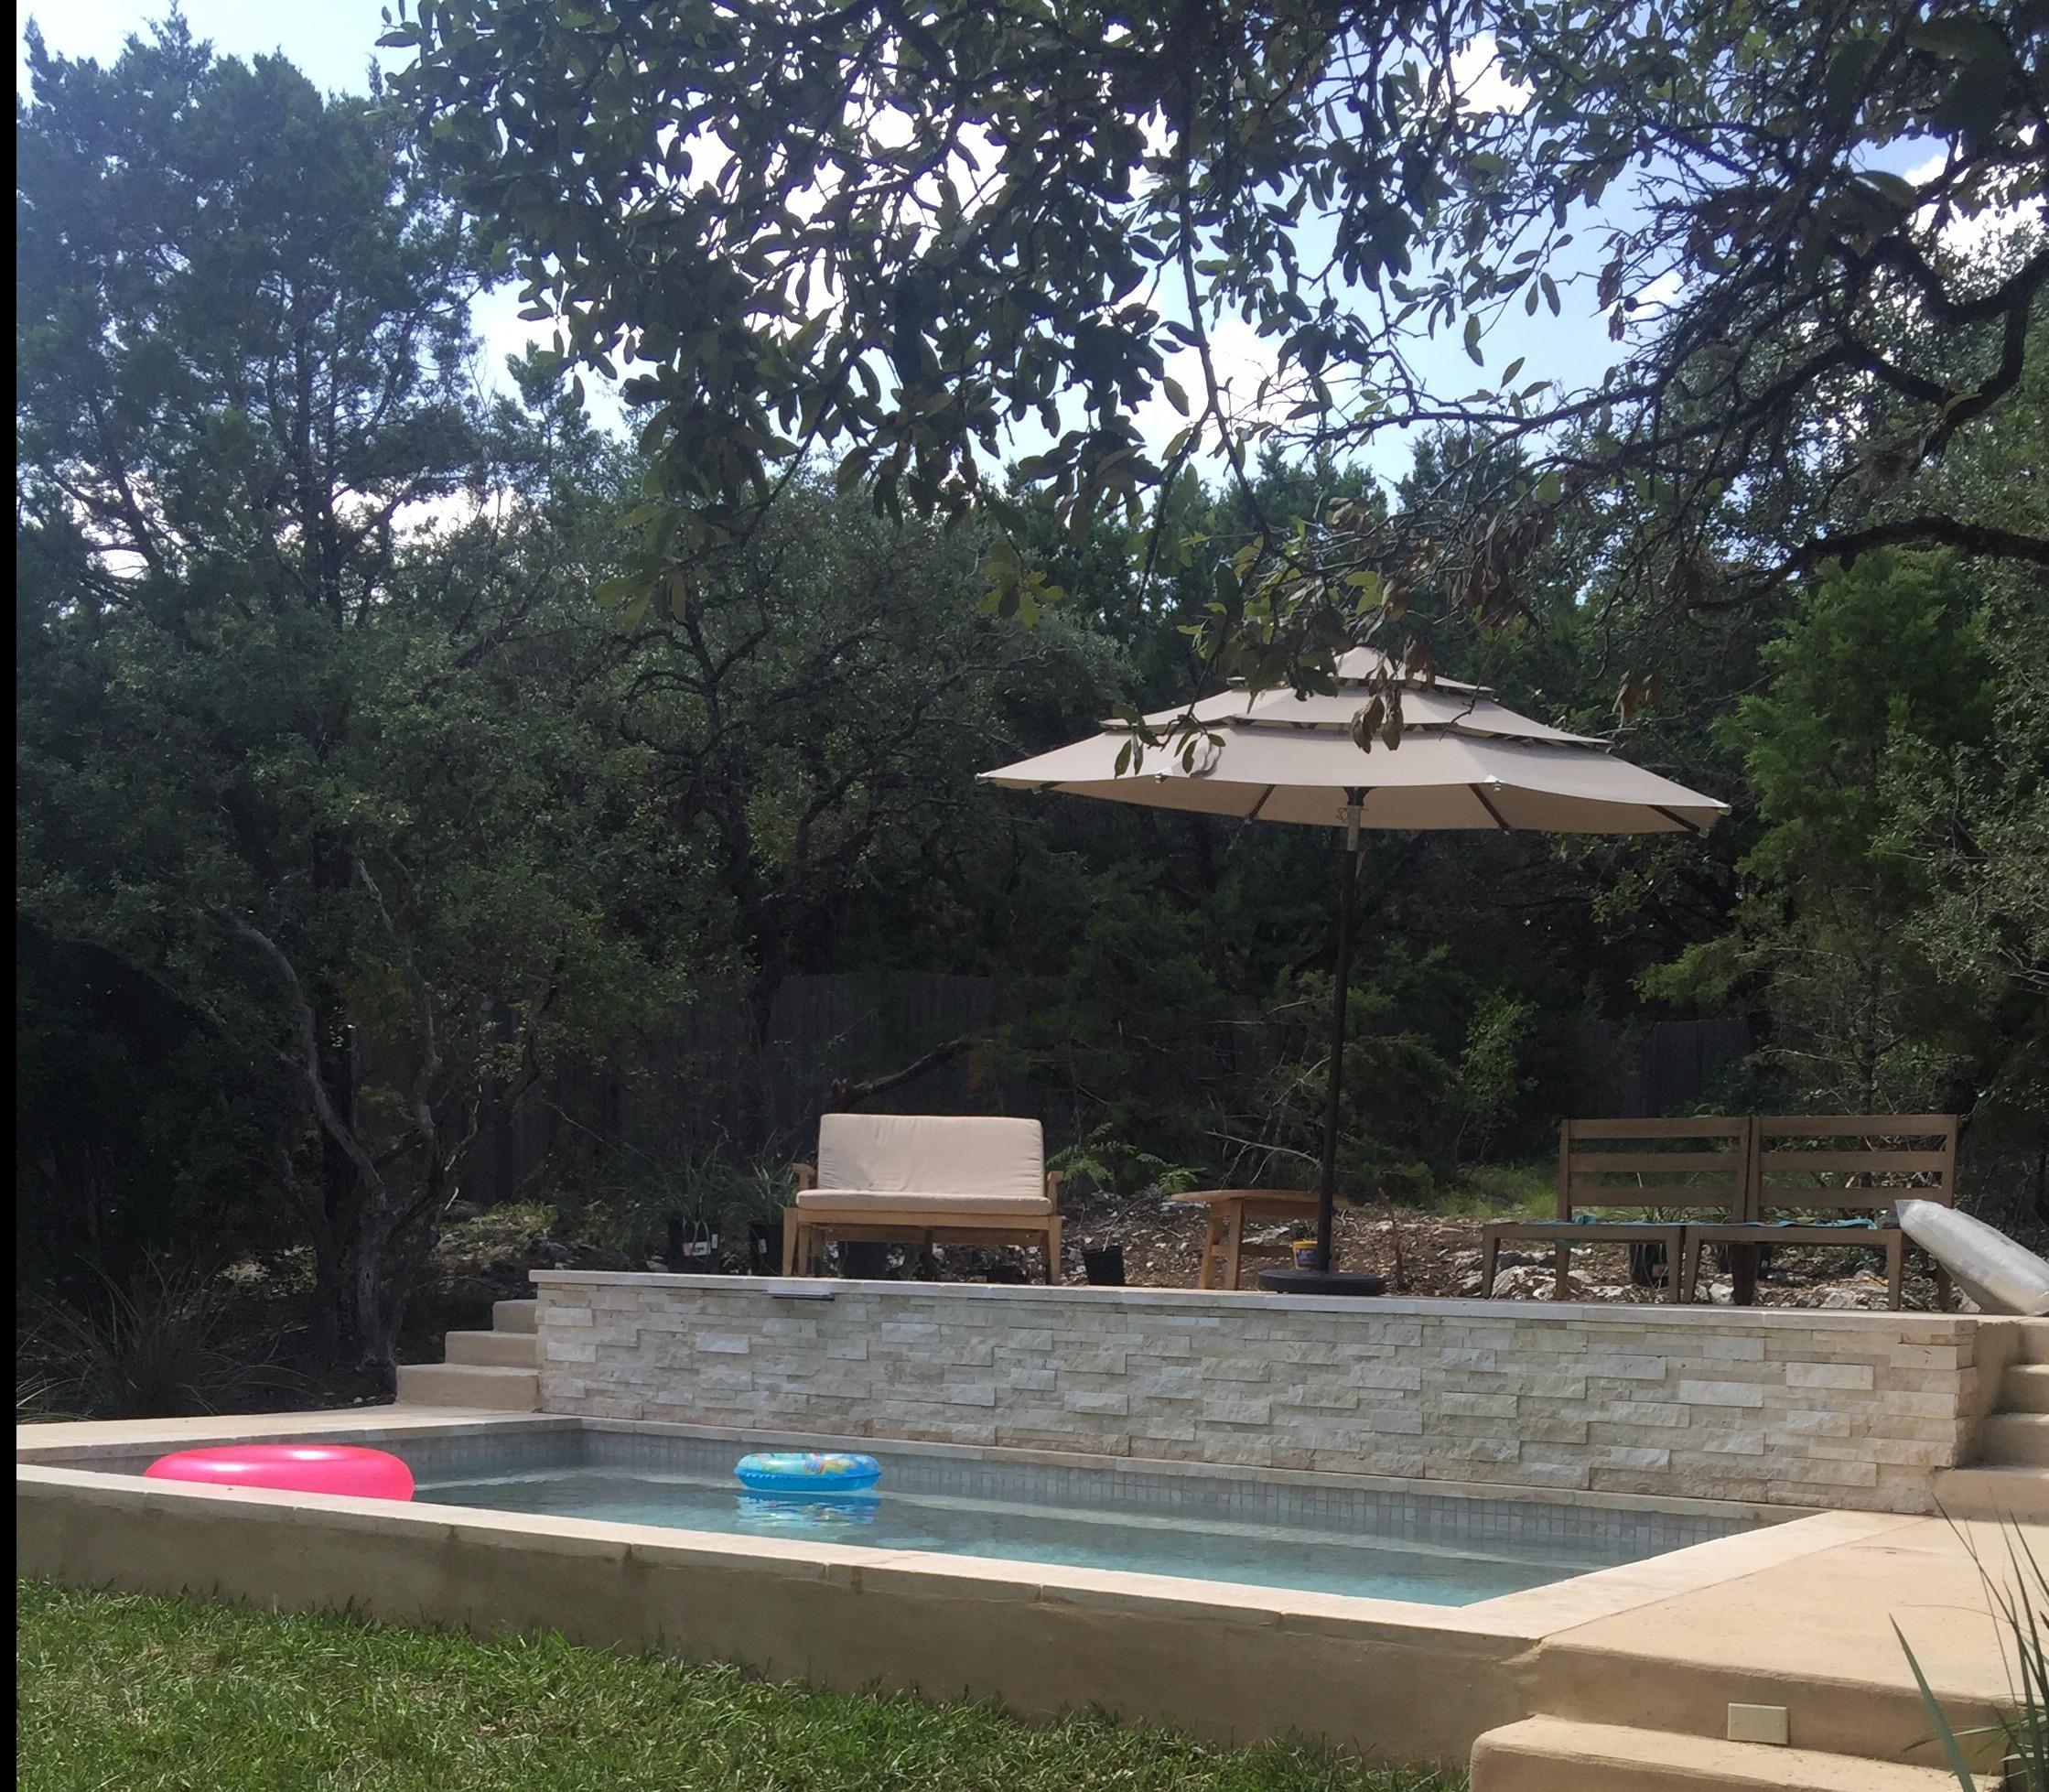 Wood Duck Pool & Patio image 4